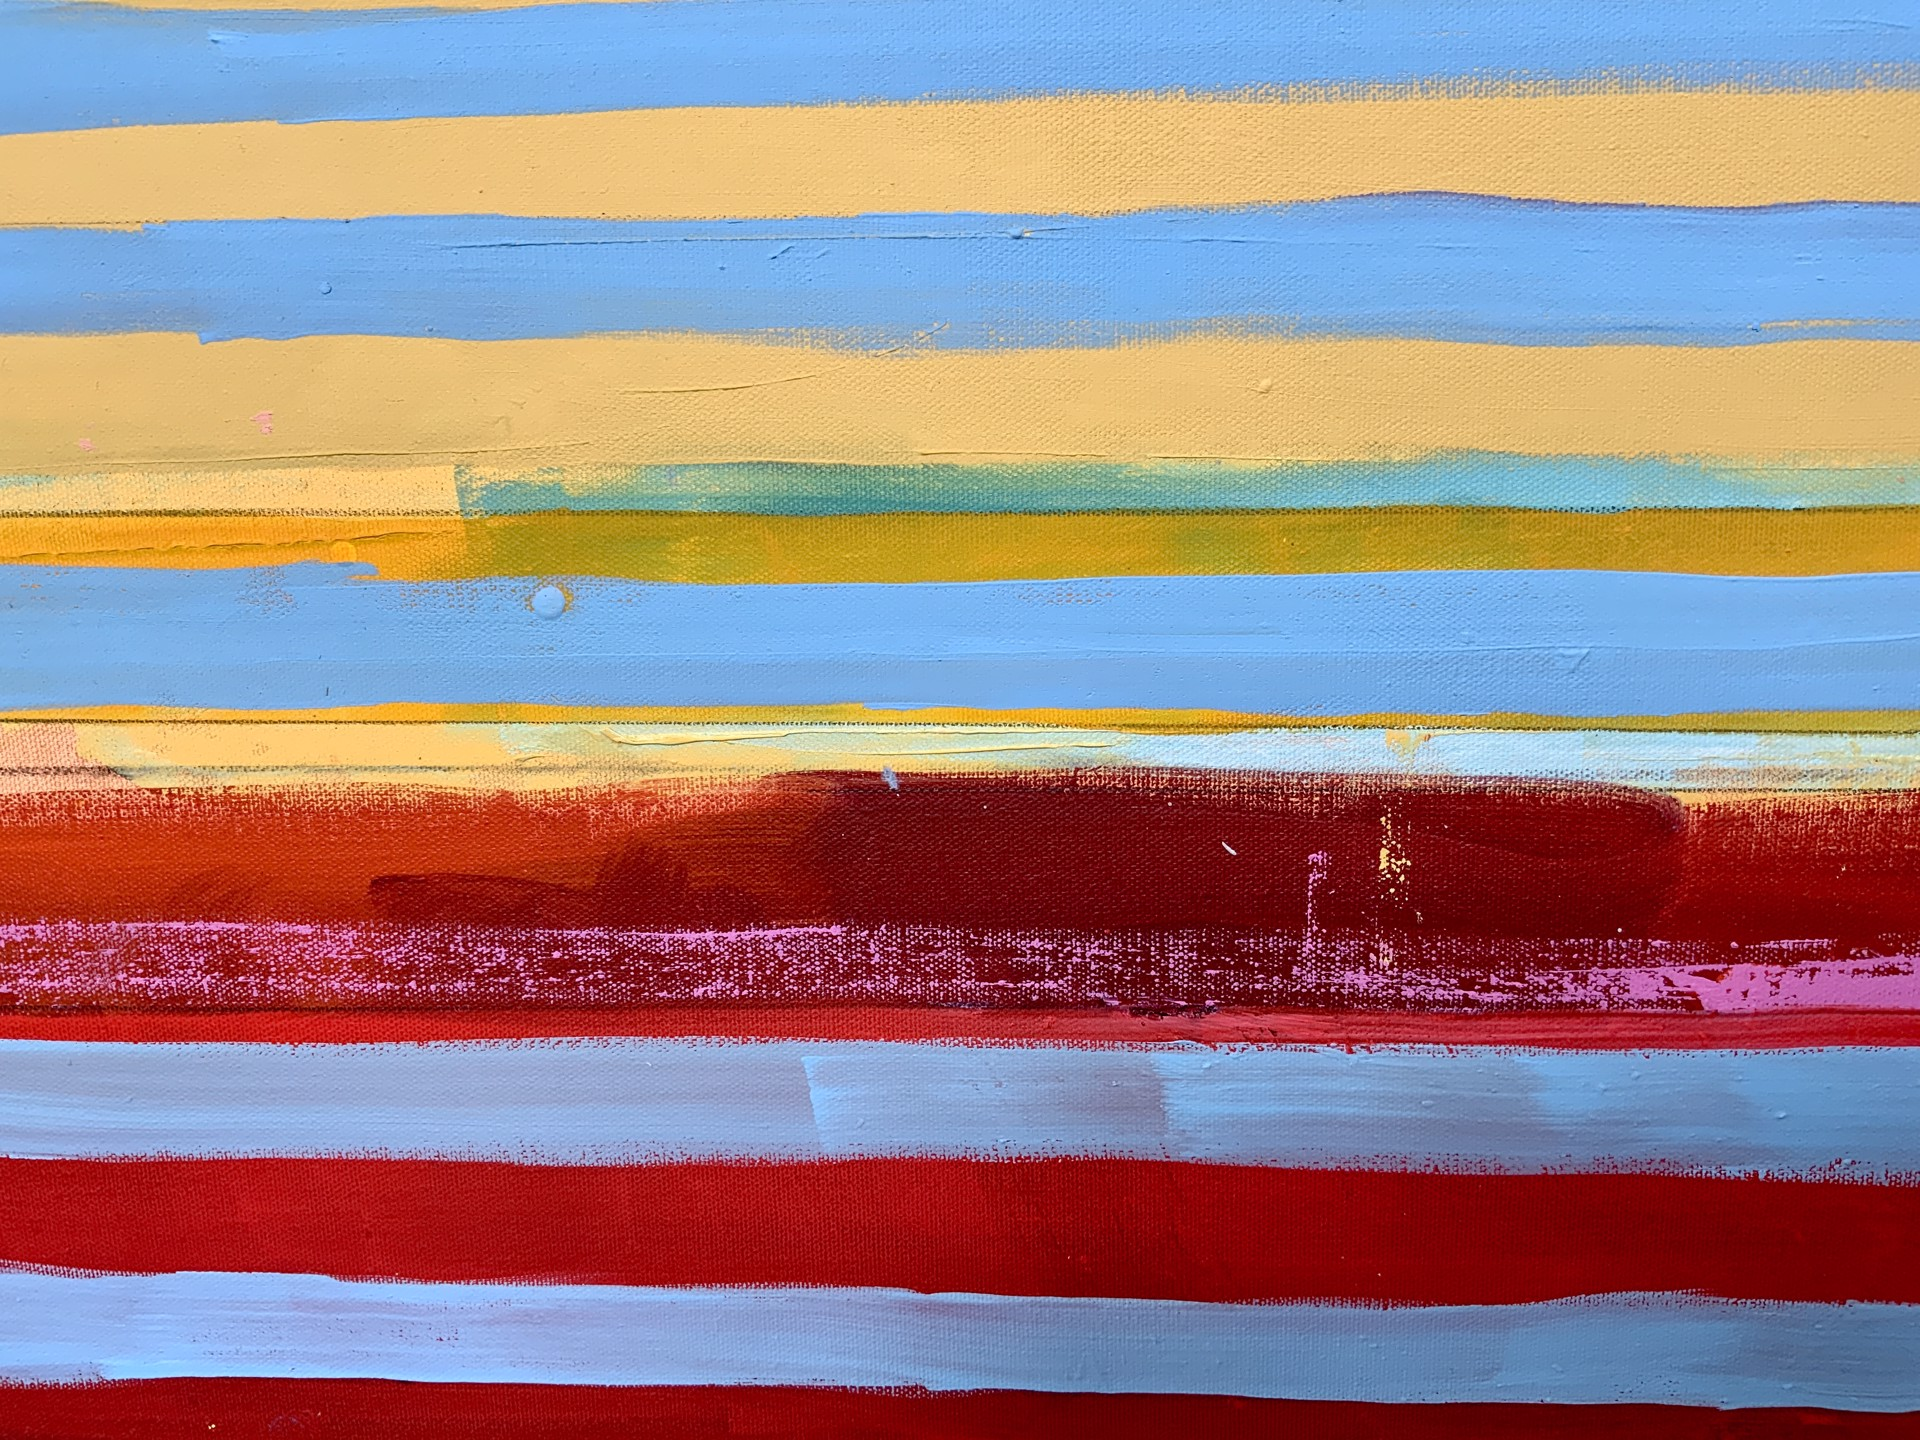 Abstract Landscape 21 by stevenpage prewitt